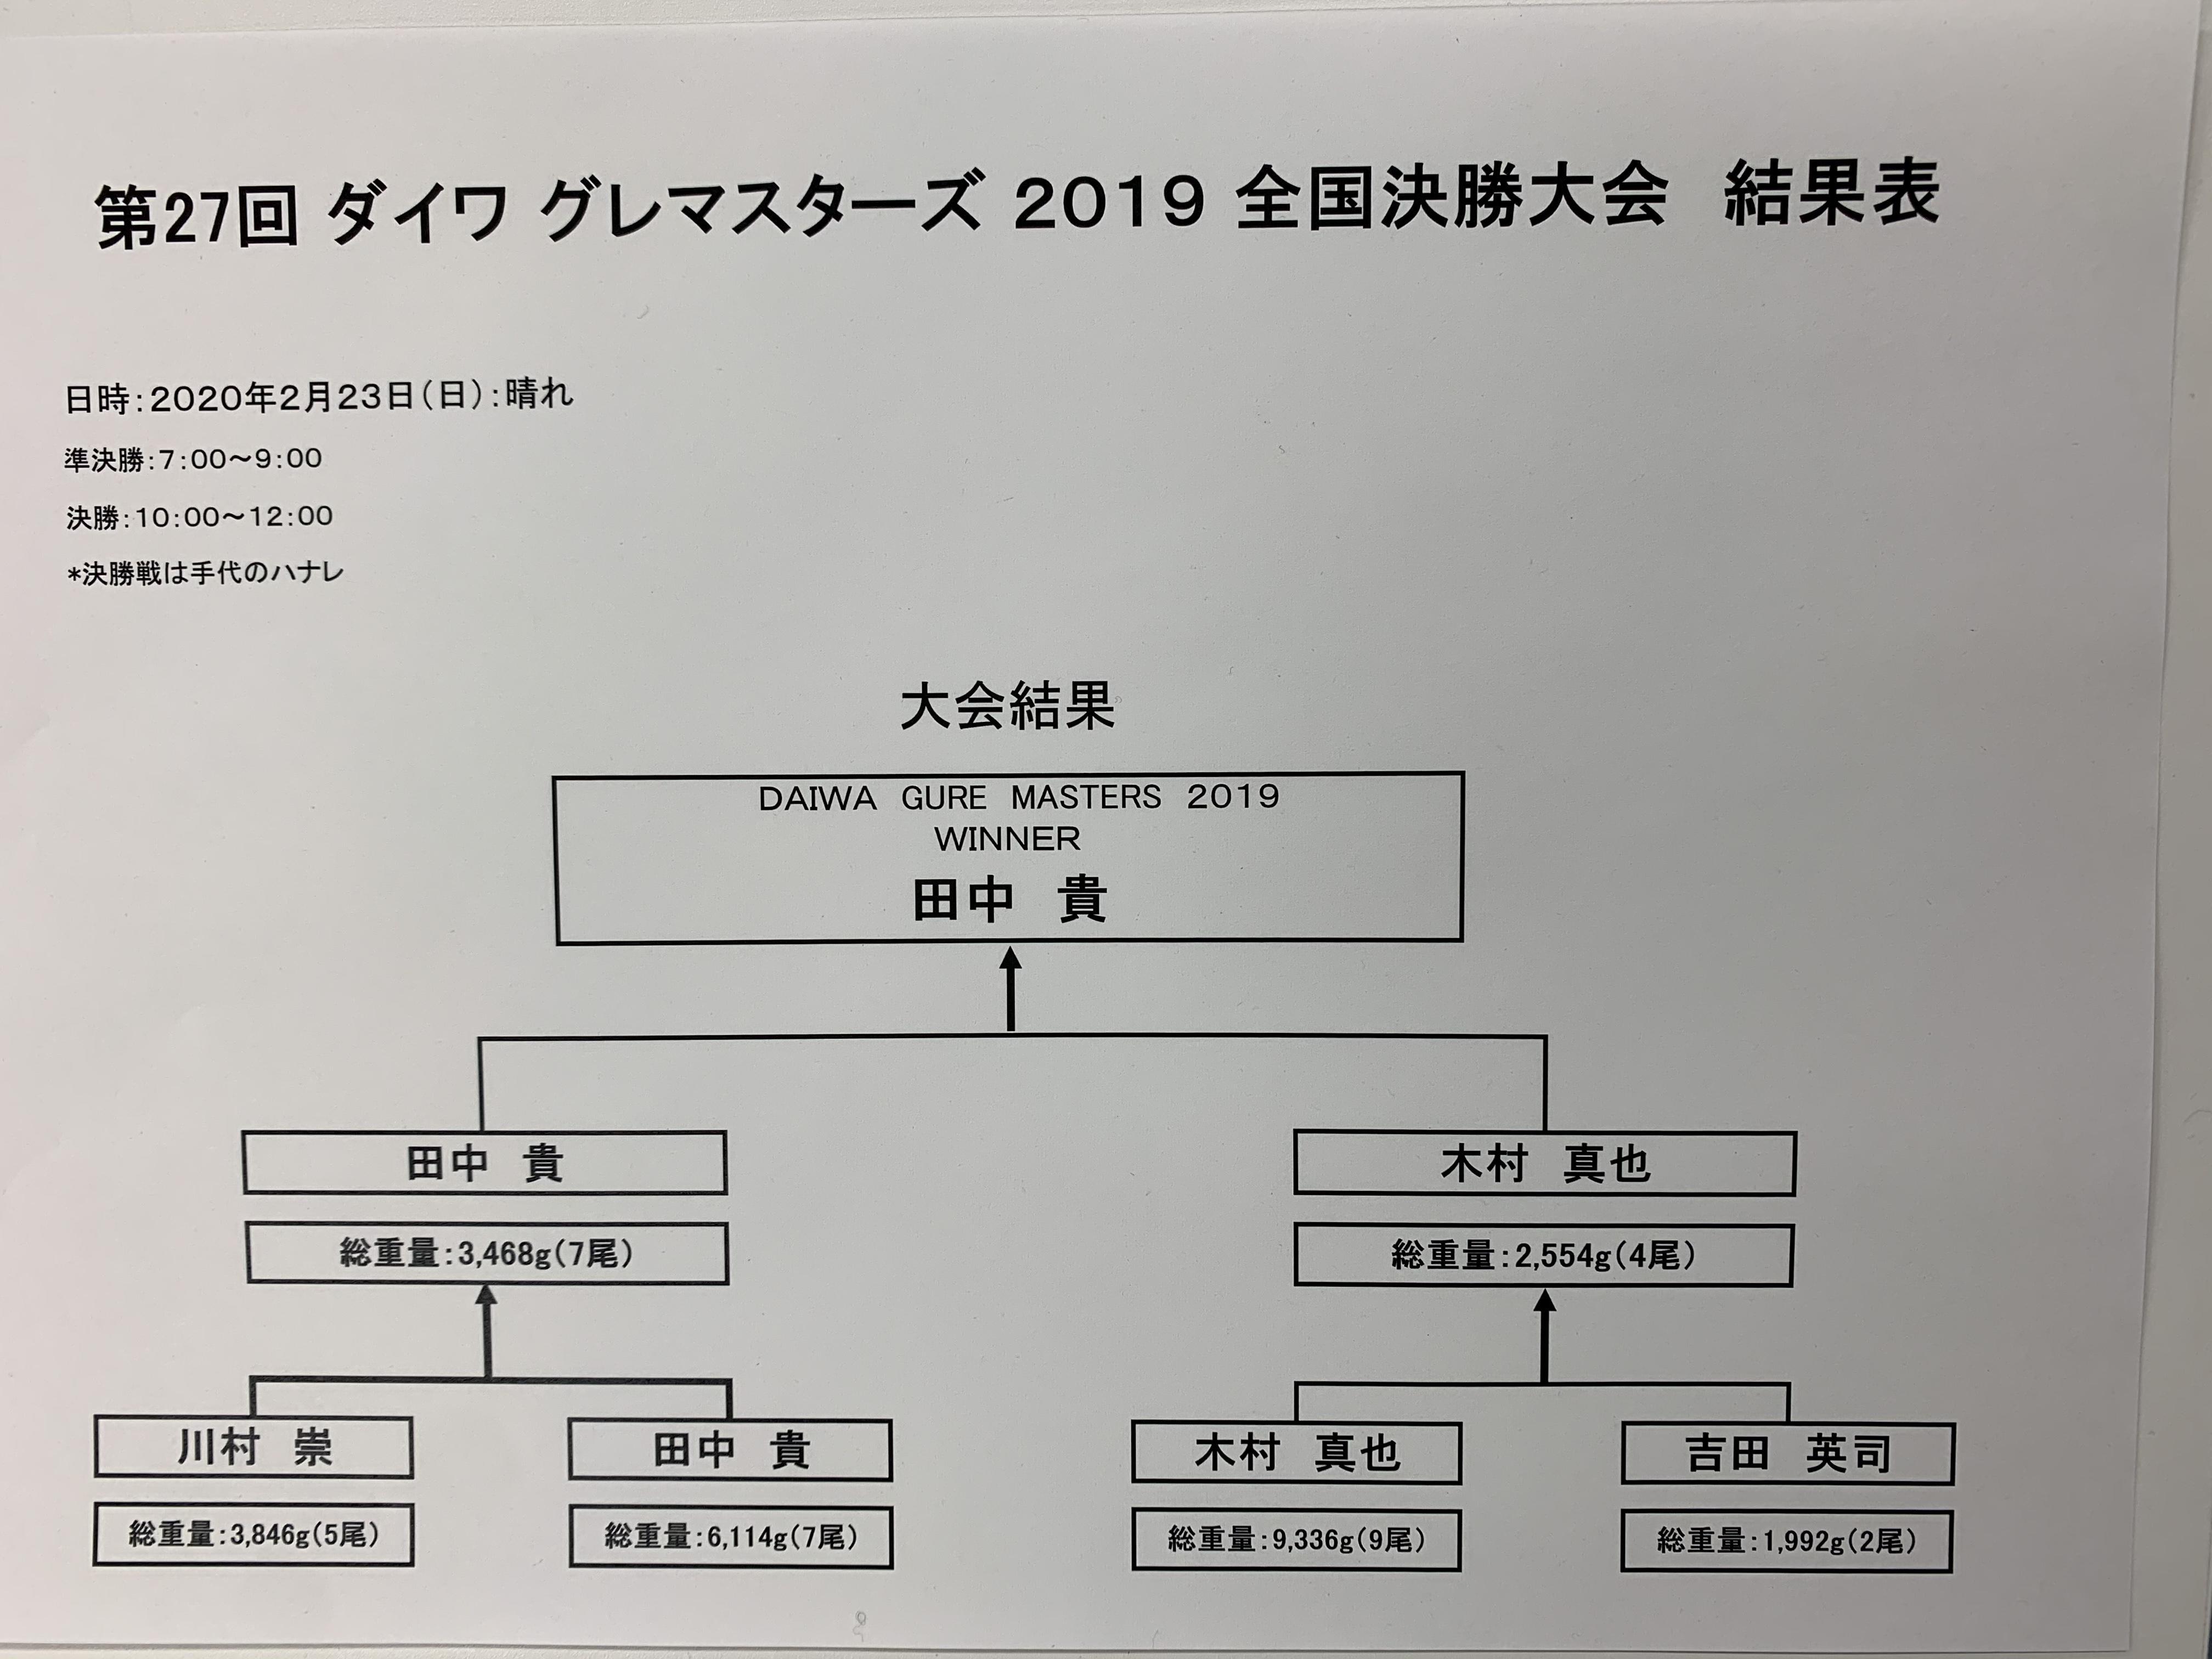 決勝トーナメント結果表.jpeg